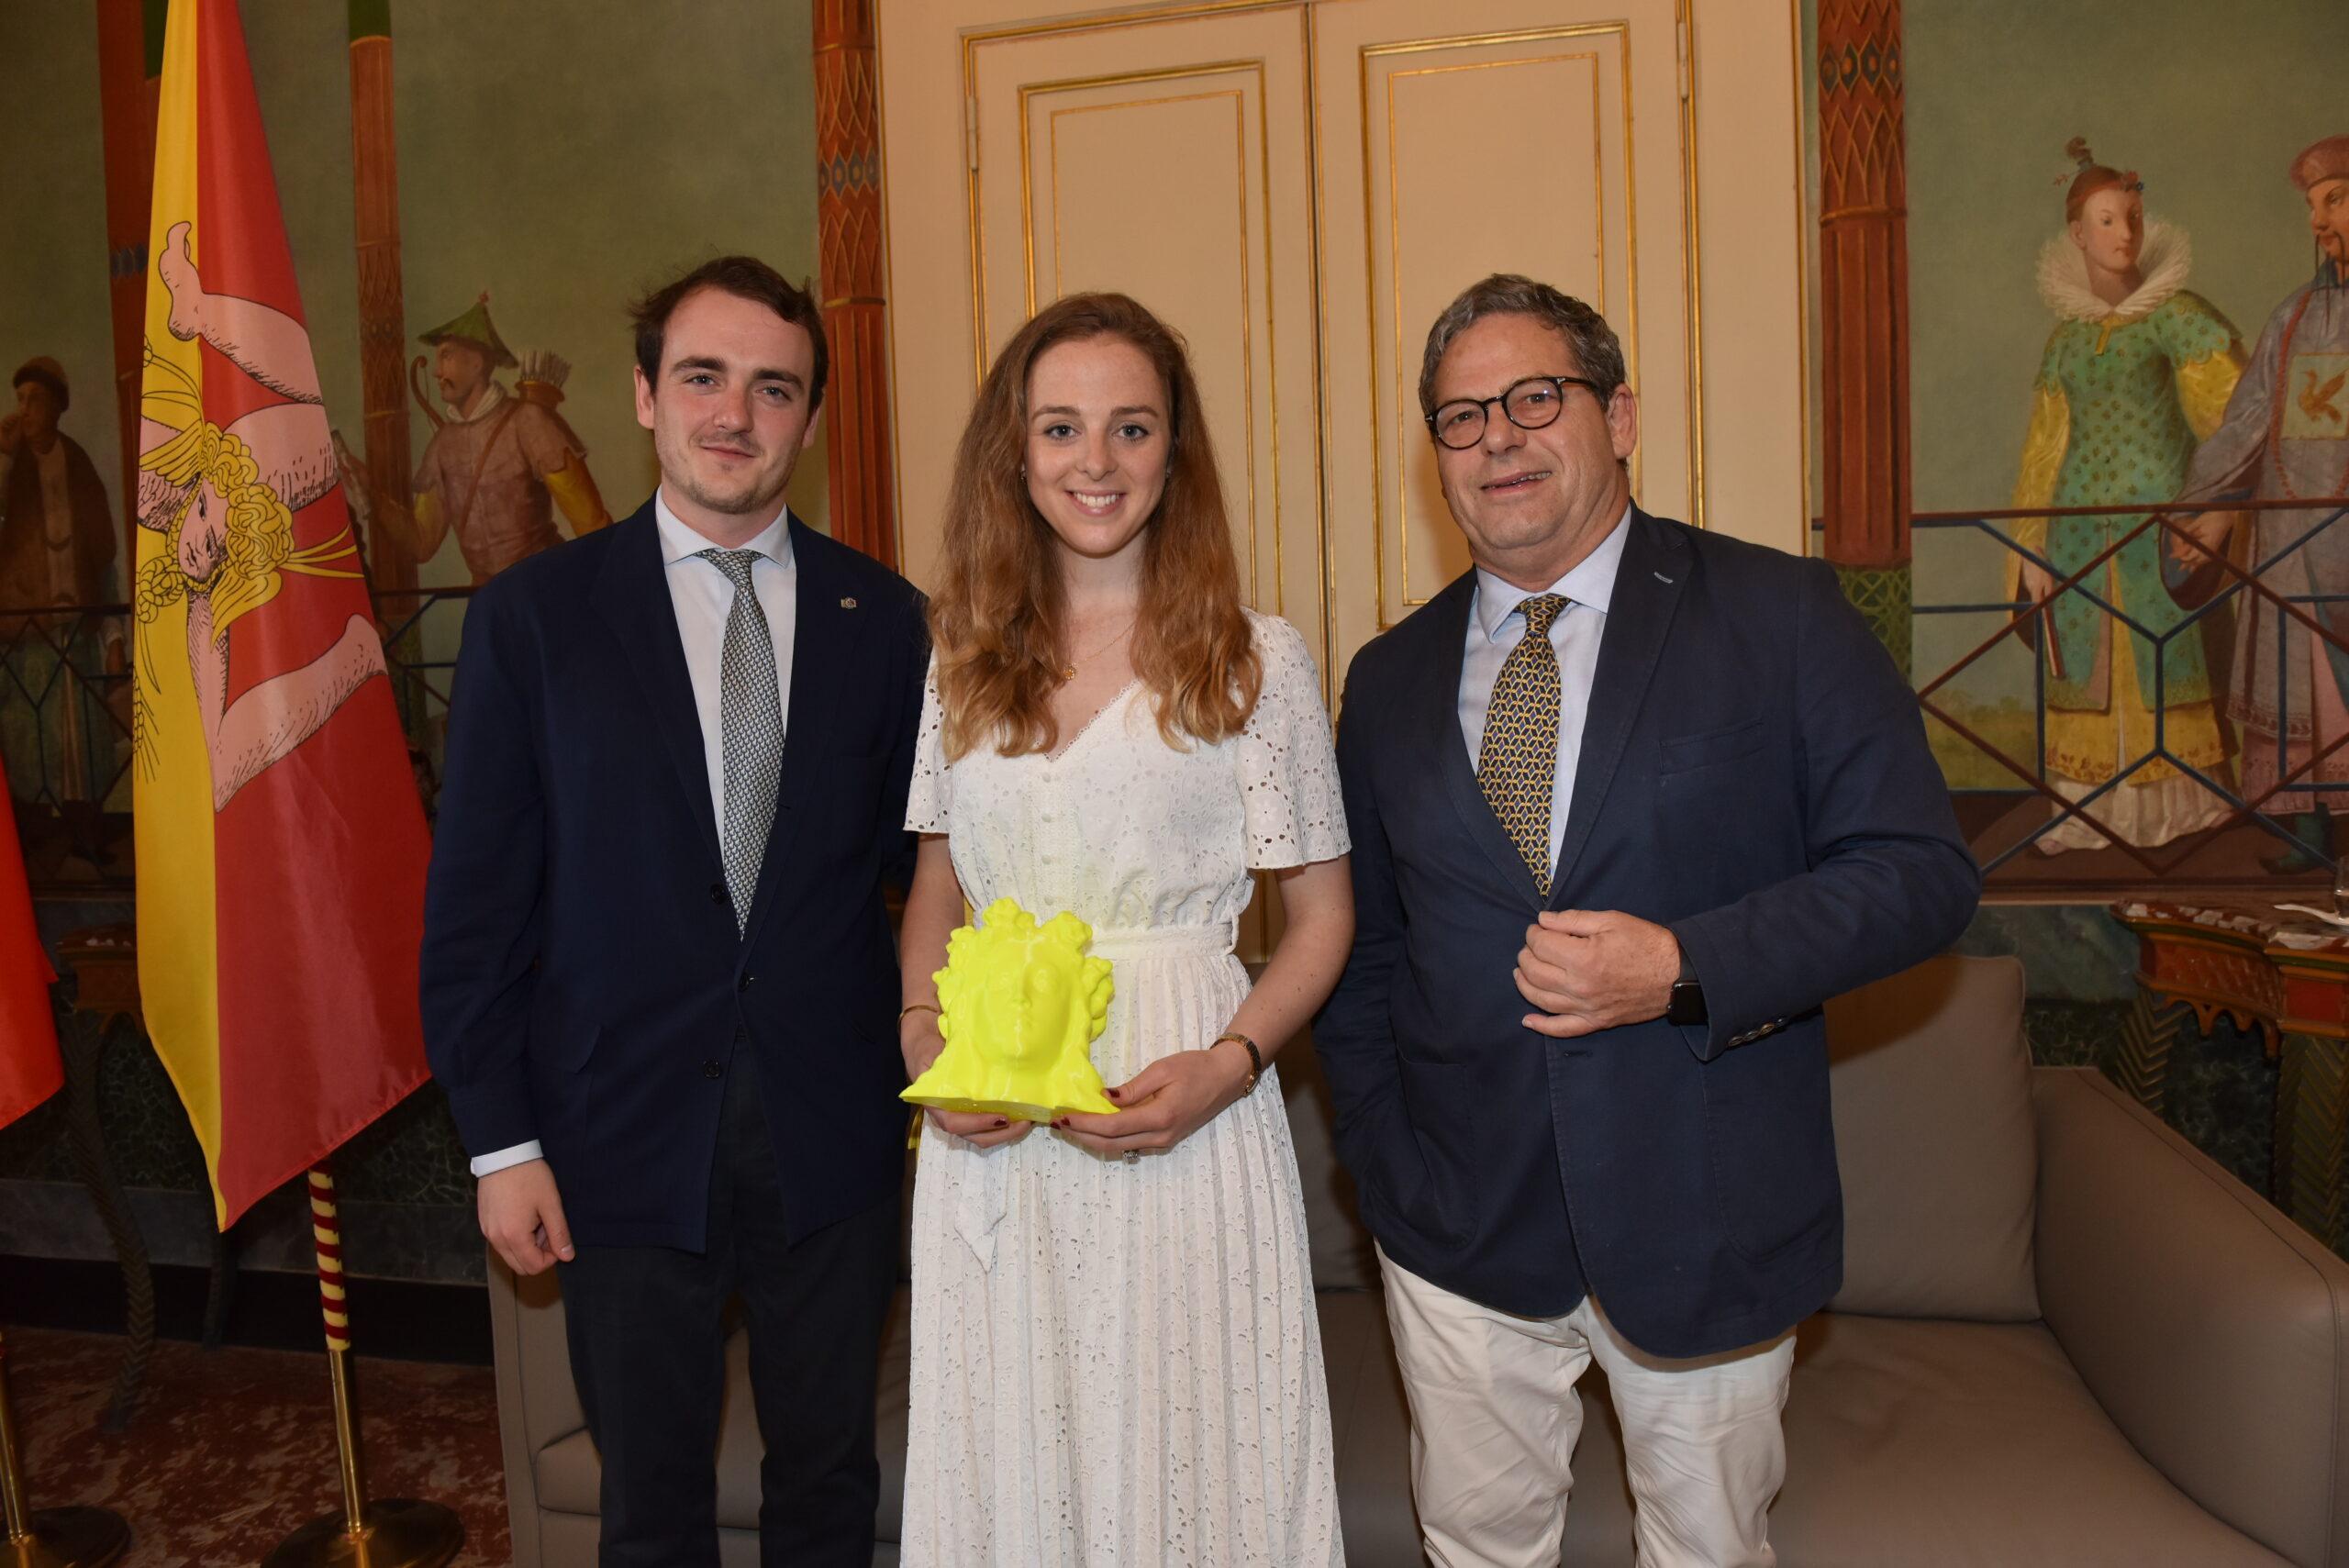 Nozze reali in Sicilia: fiori d'arancio a Palermo tra il duca di Noto e lady Charlotte